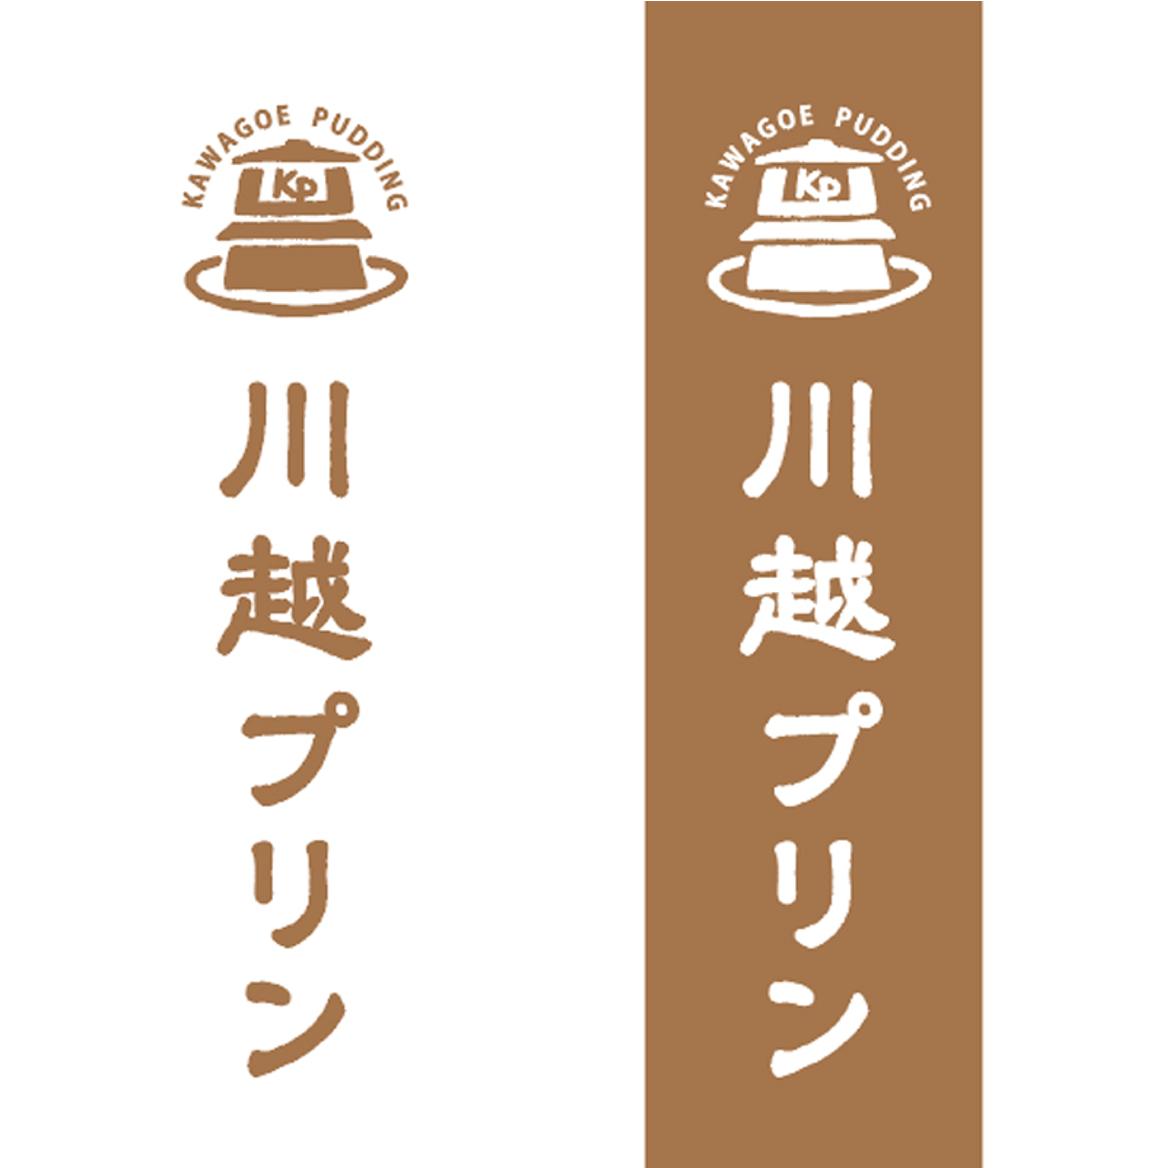 川越プリン ロゴデザイン